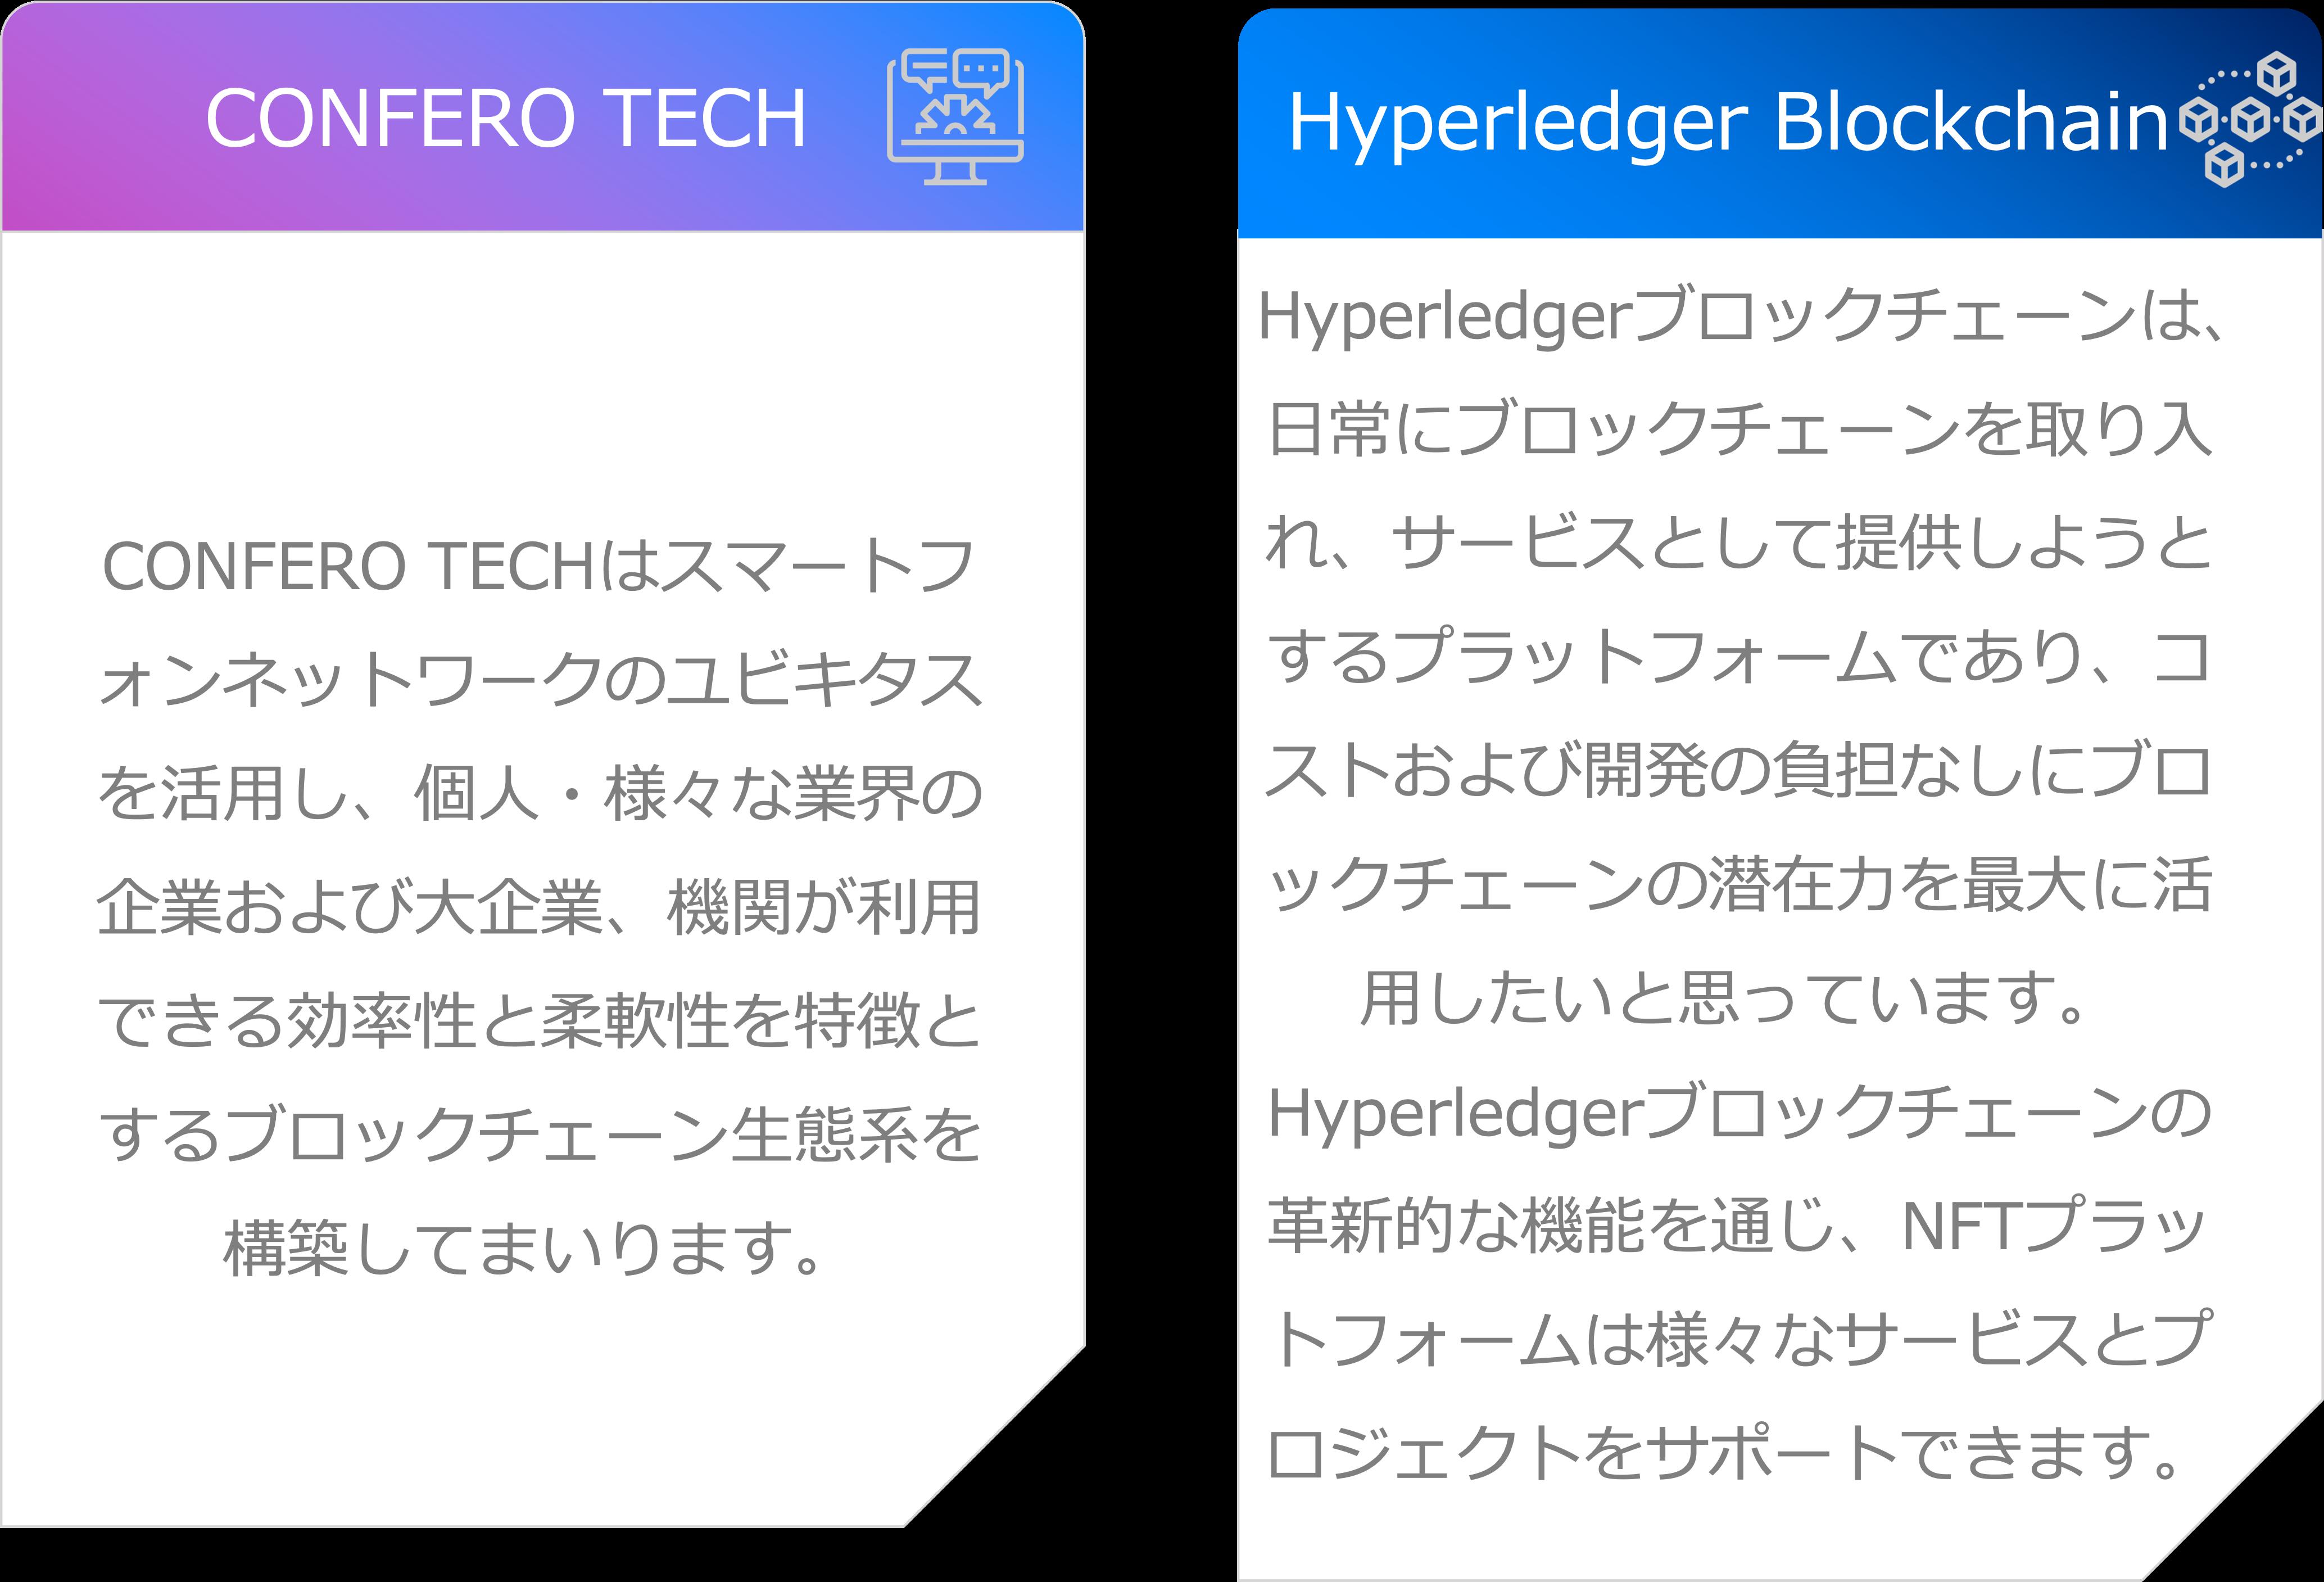 CONFEROのオリジナルブロックチェーン